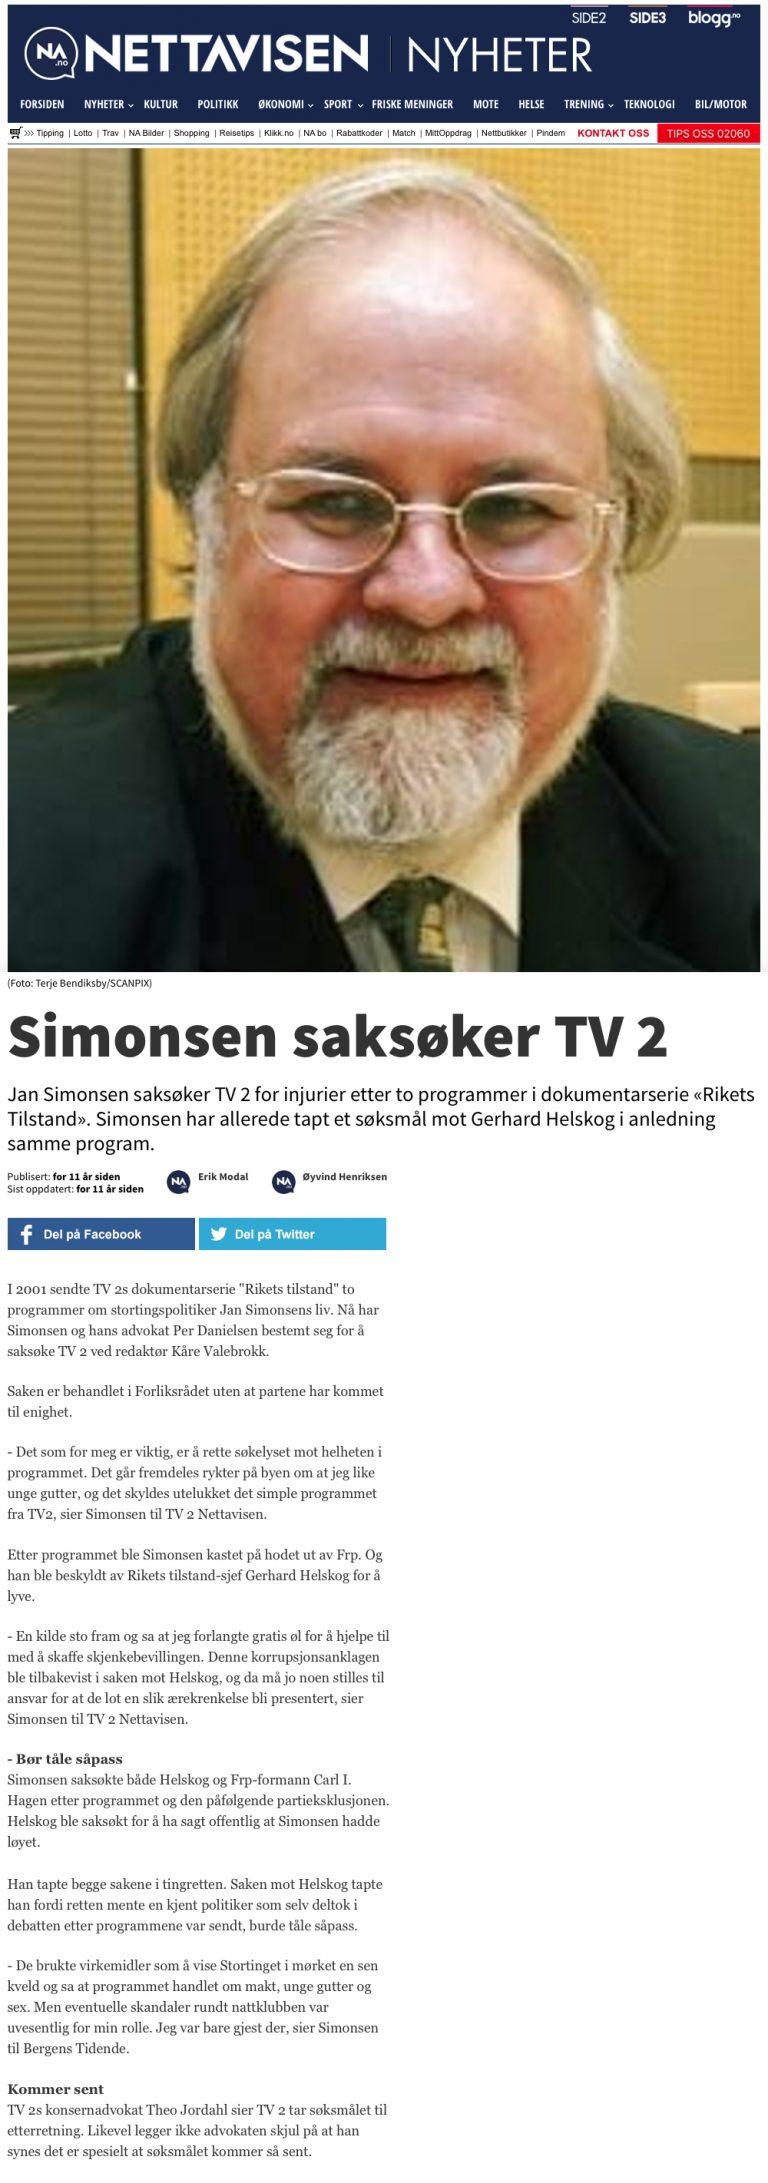 Ærekrenkelse Simonsen saksøker TV2. Advokat Danielsen & Co. Per Danielsen. Advokat i Oslo.